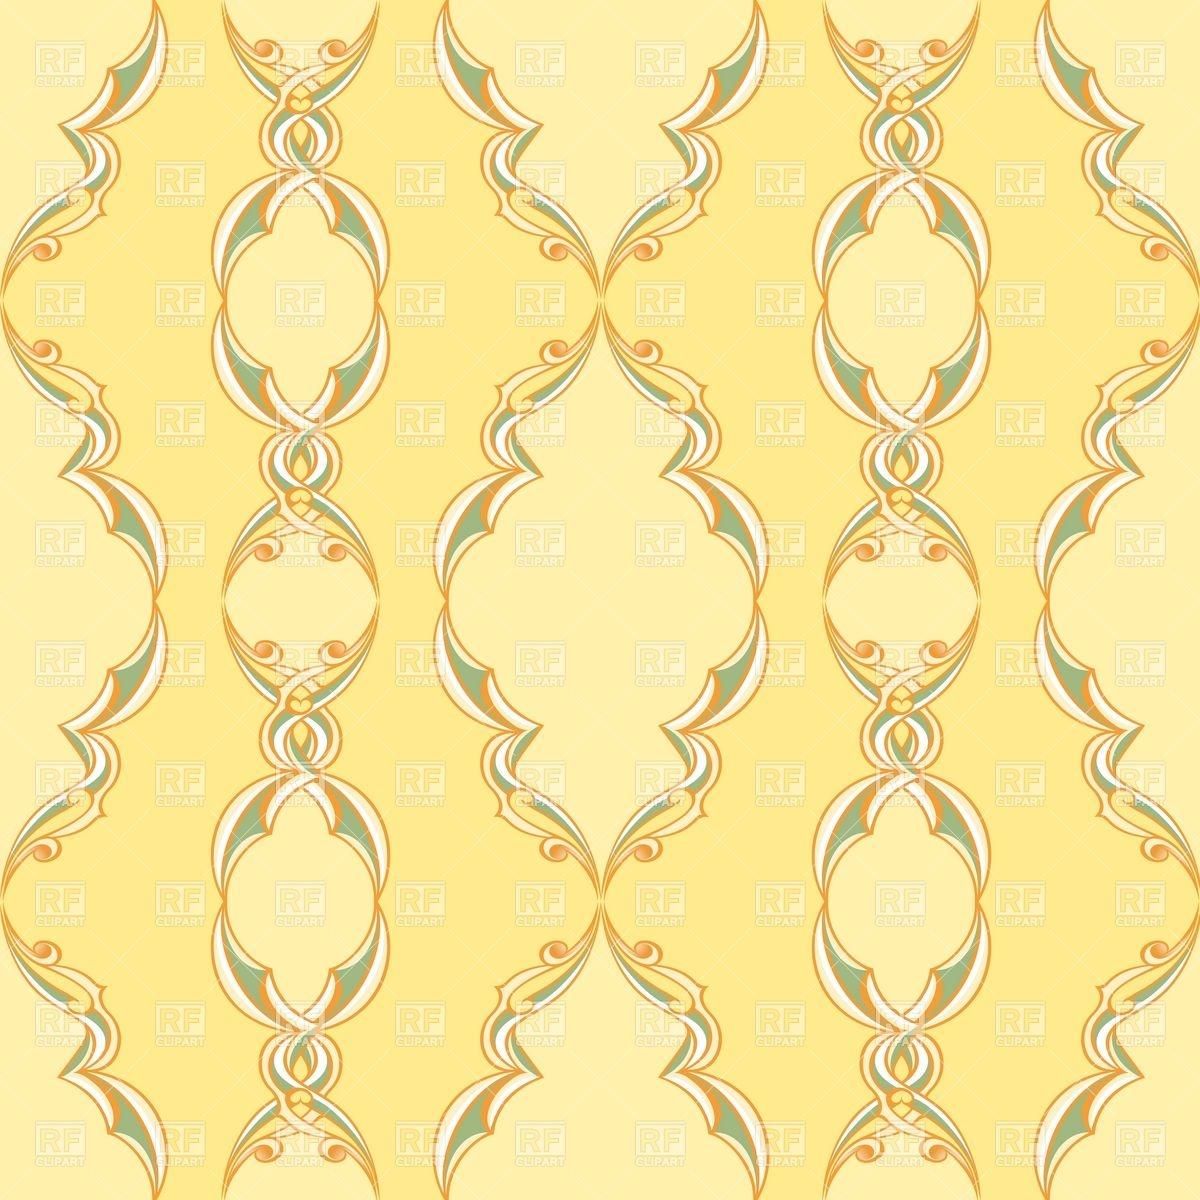 Vintage wallpaper pattern Vector Image #7921.